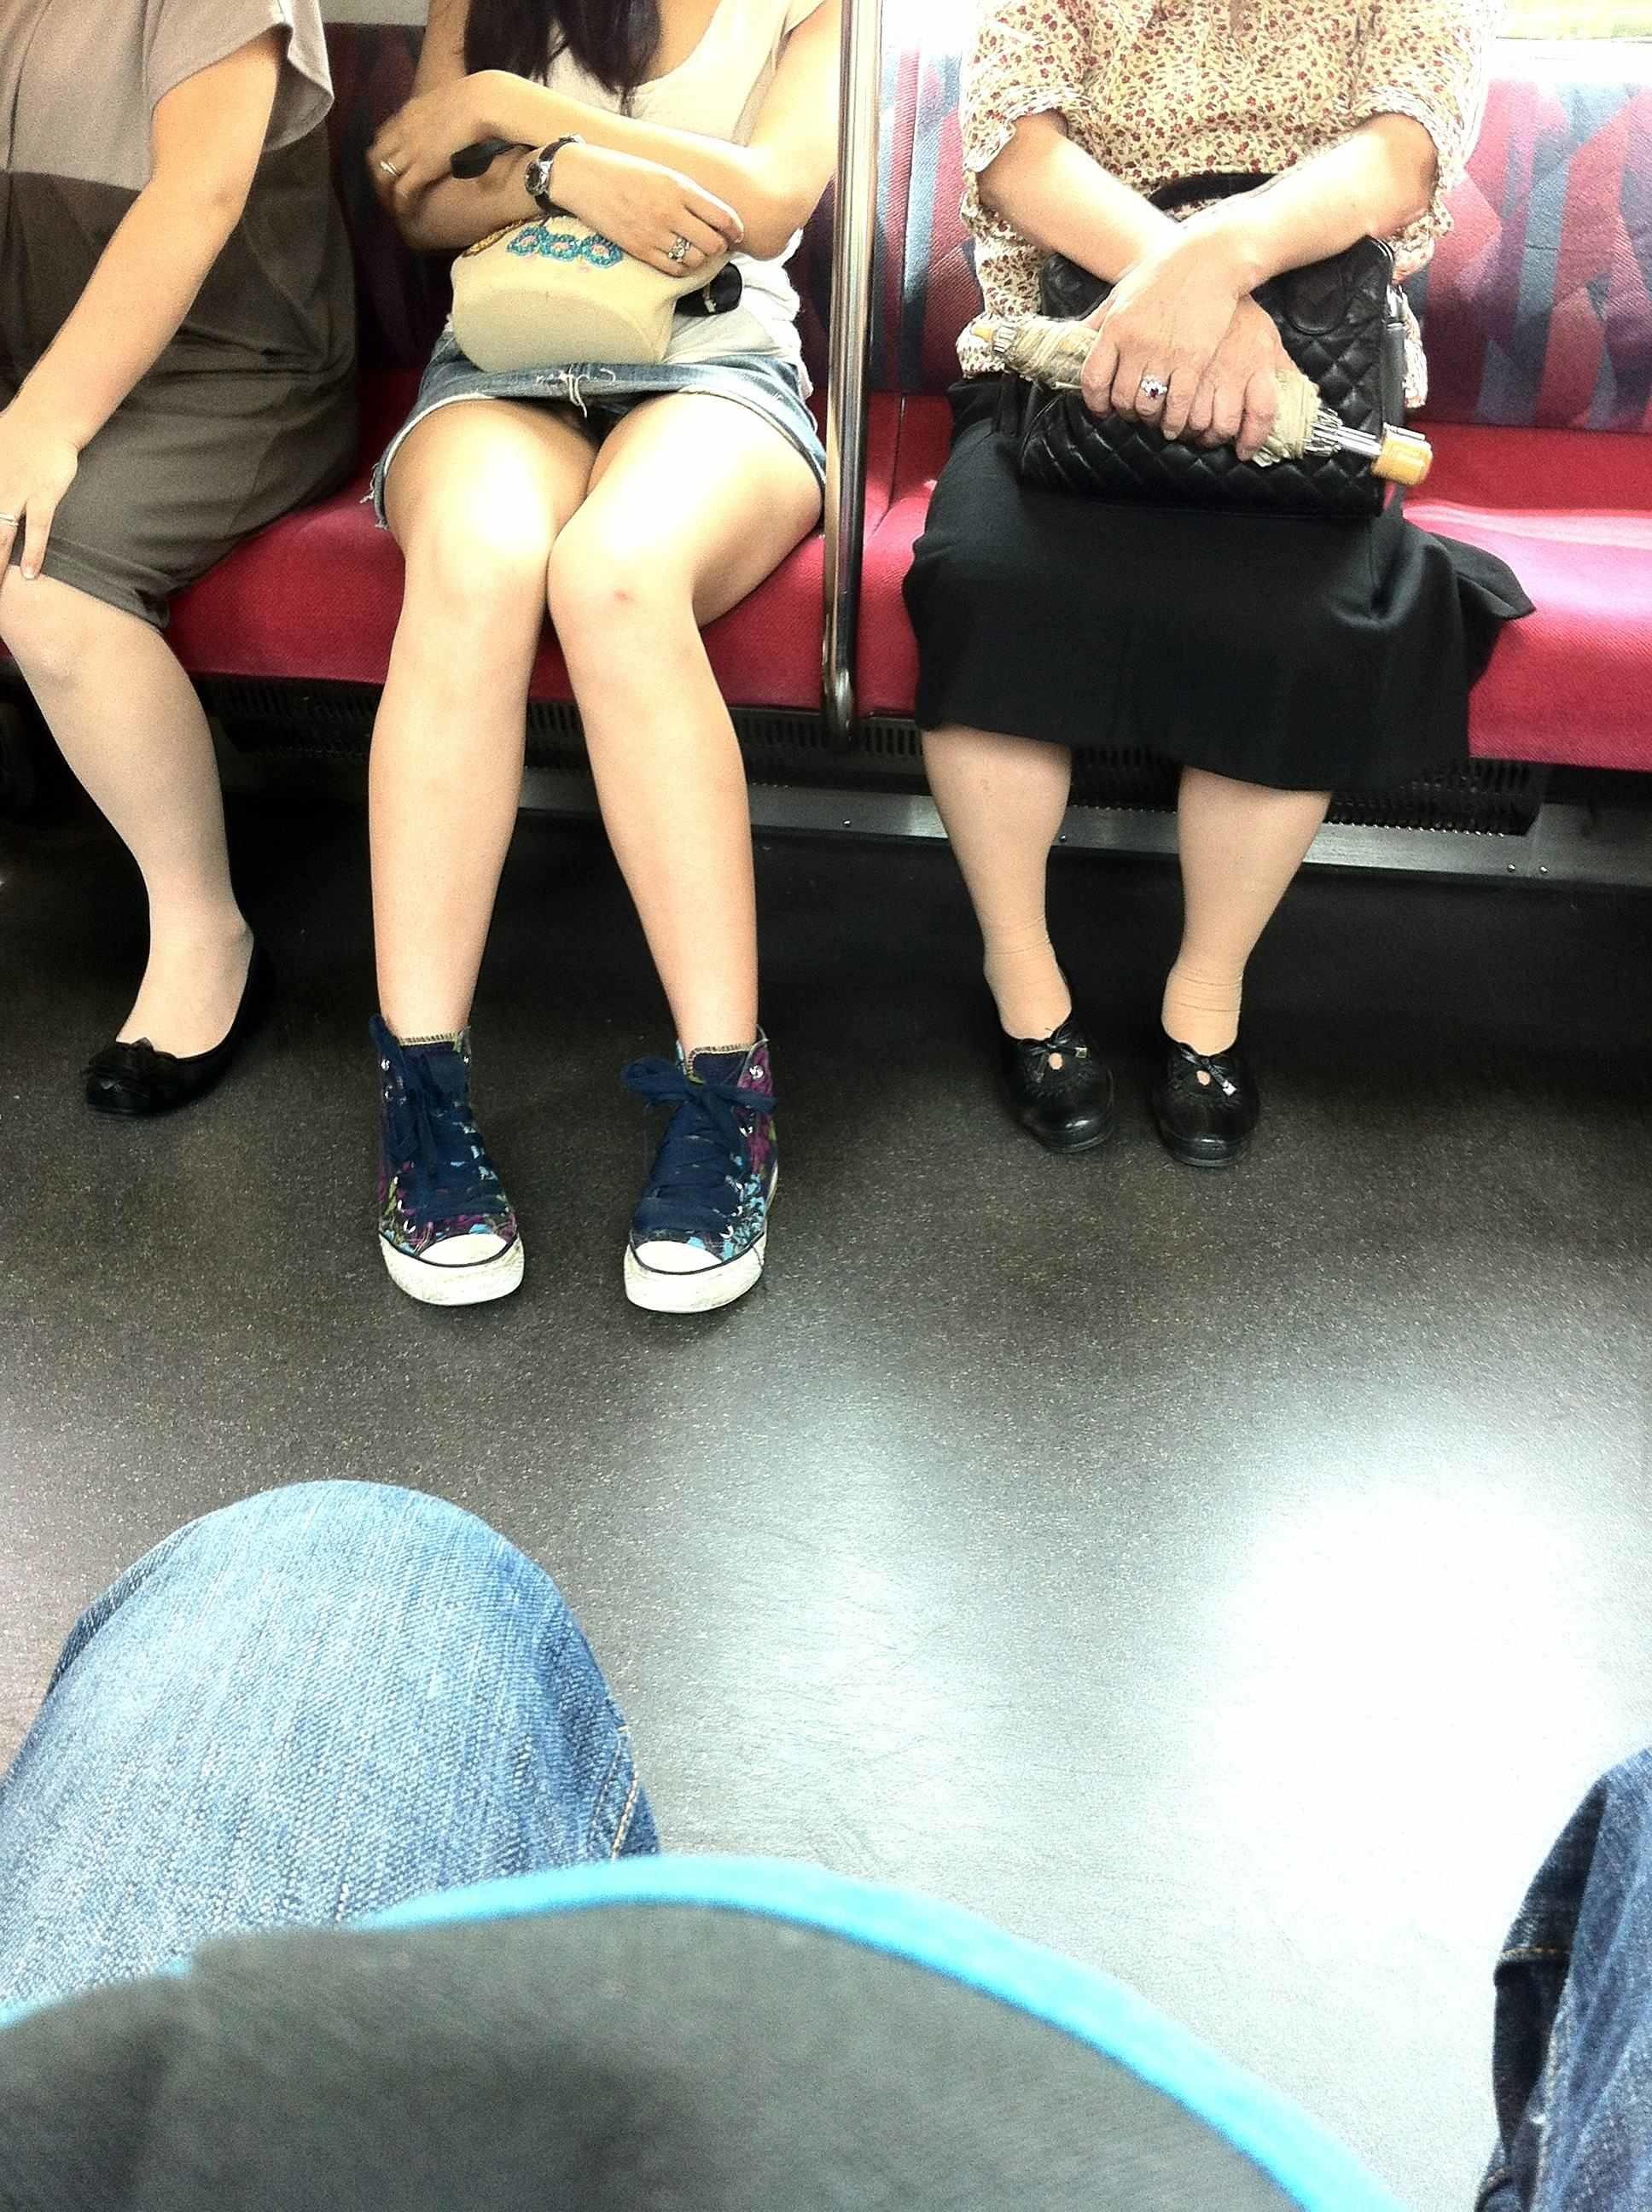 電車の中で太ももやパンチラを盗撮した様なエロ画像